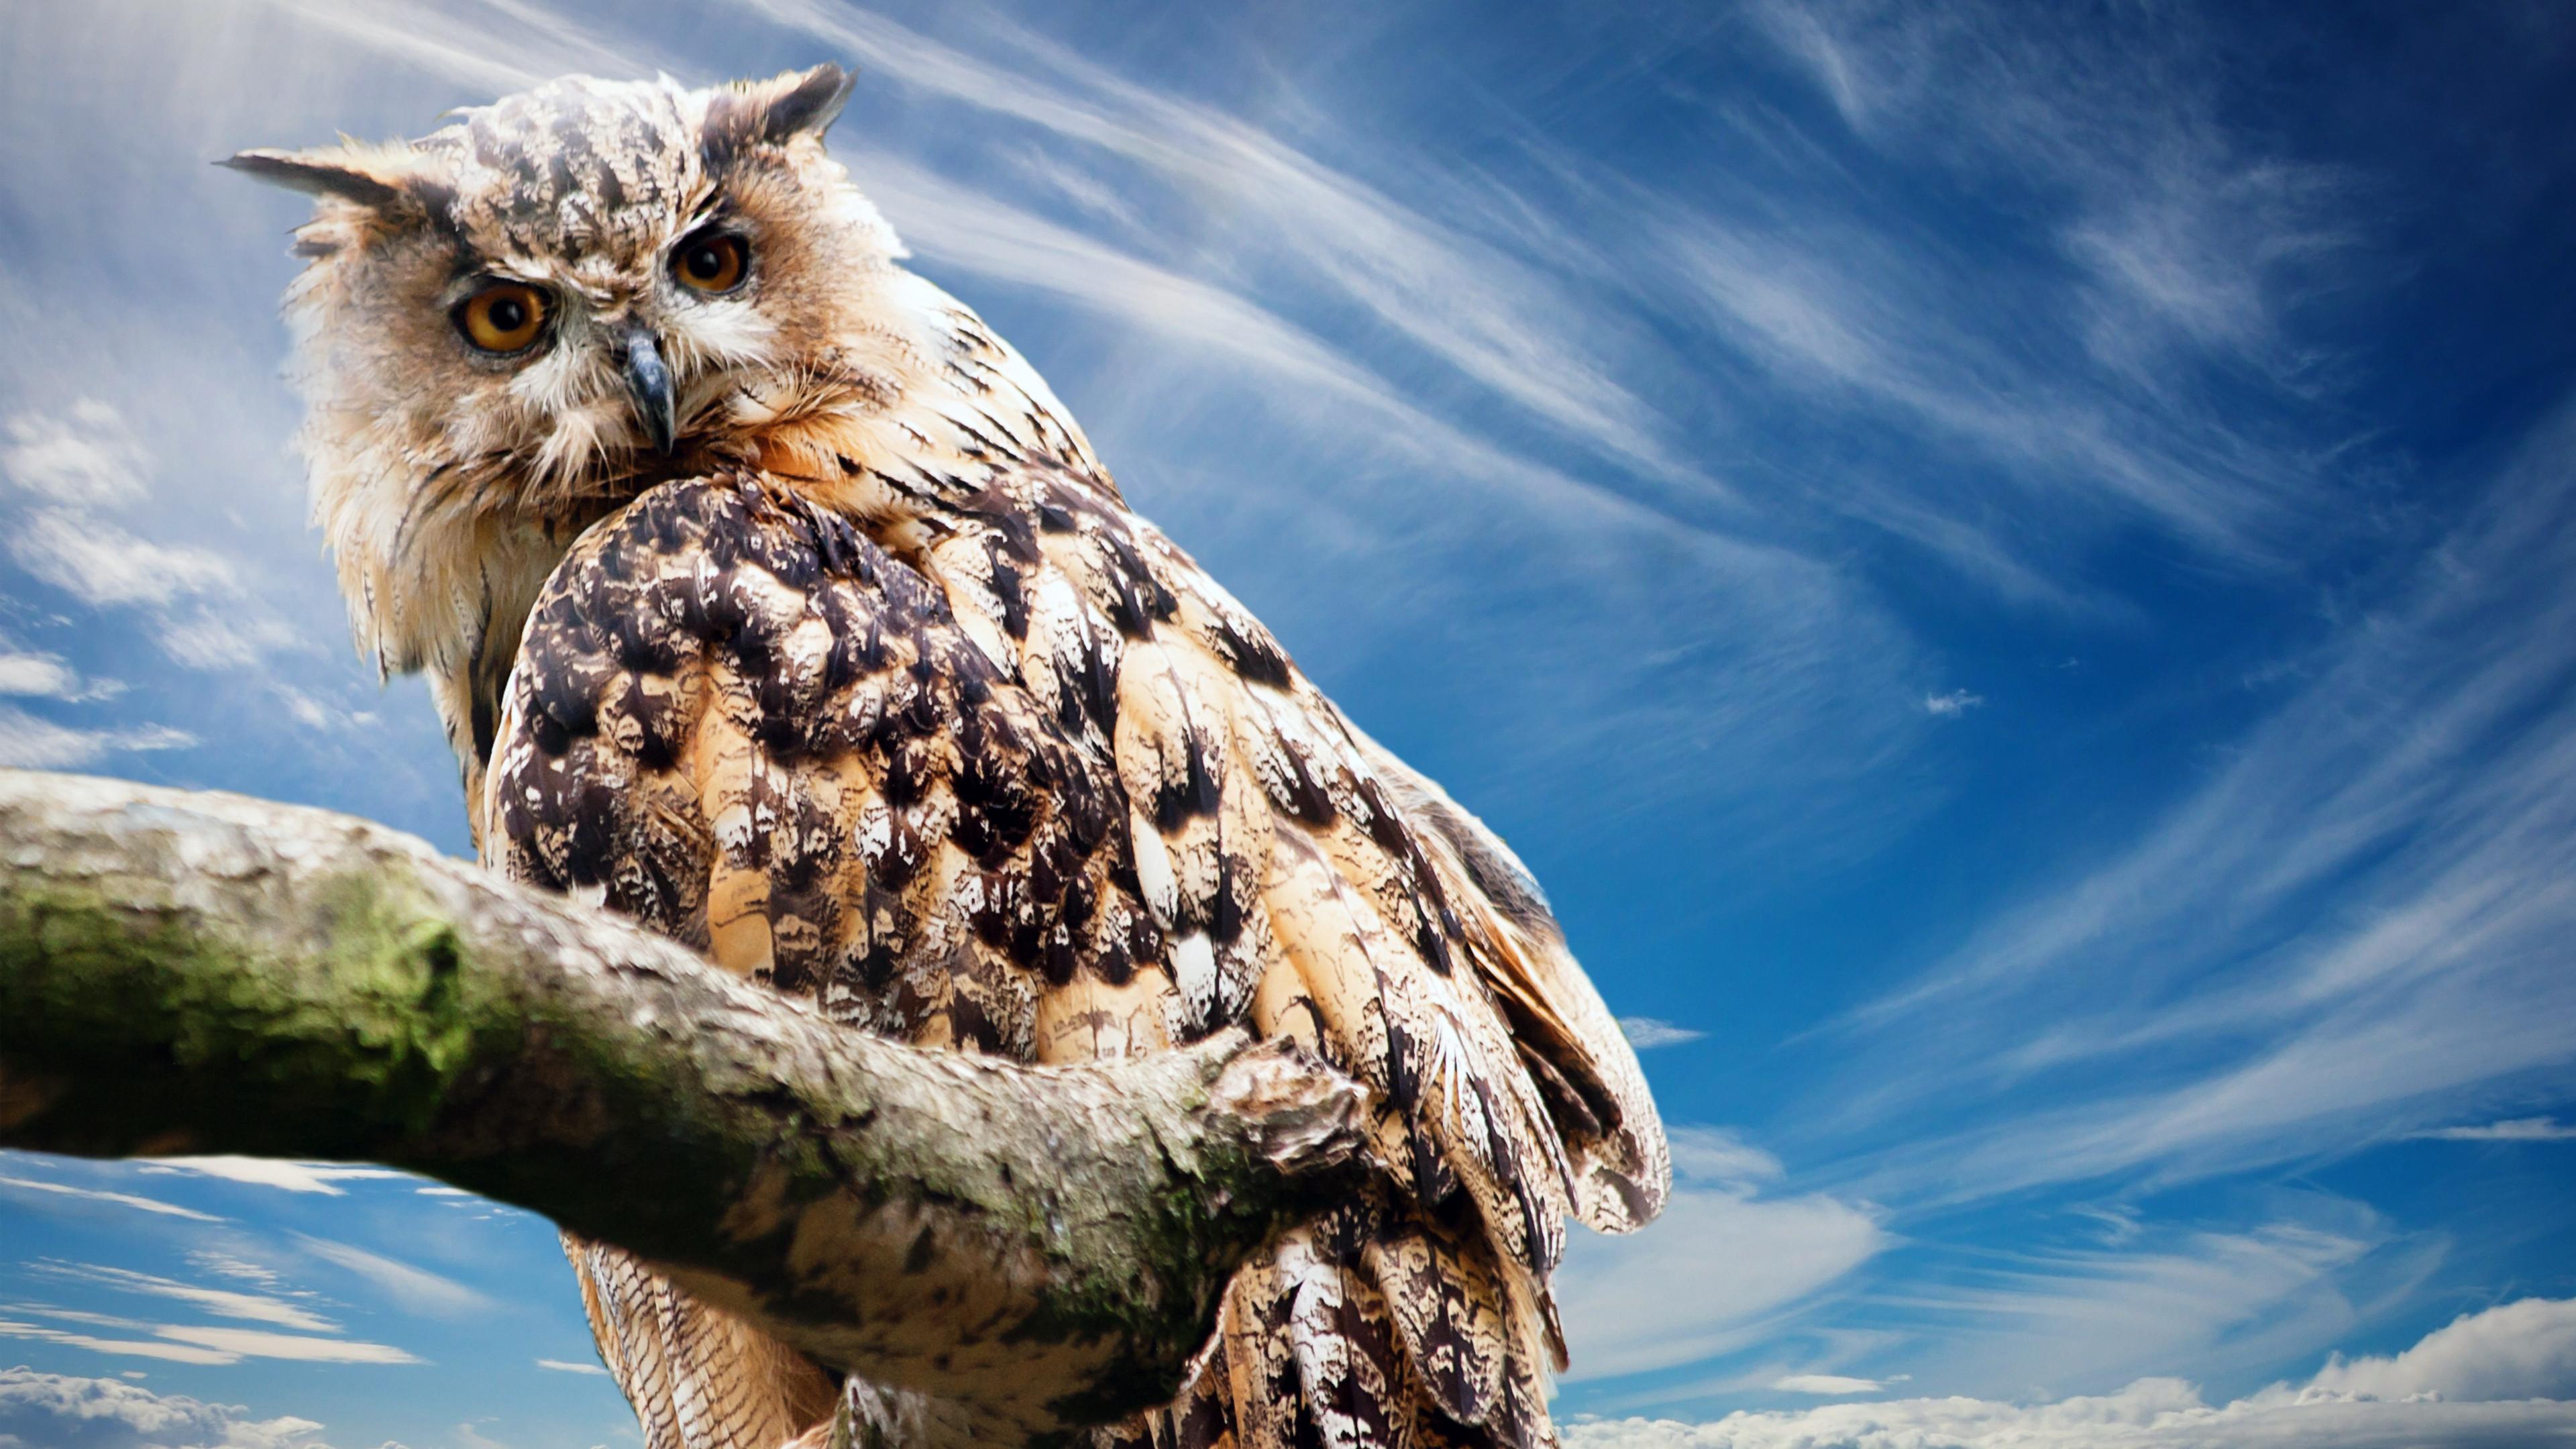 Res: 3840x2160, Owl